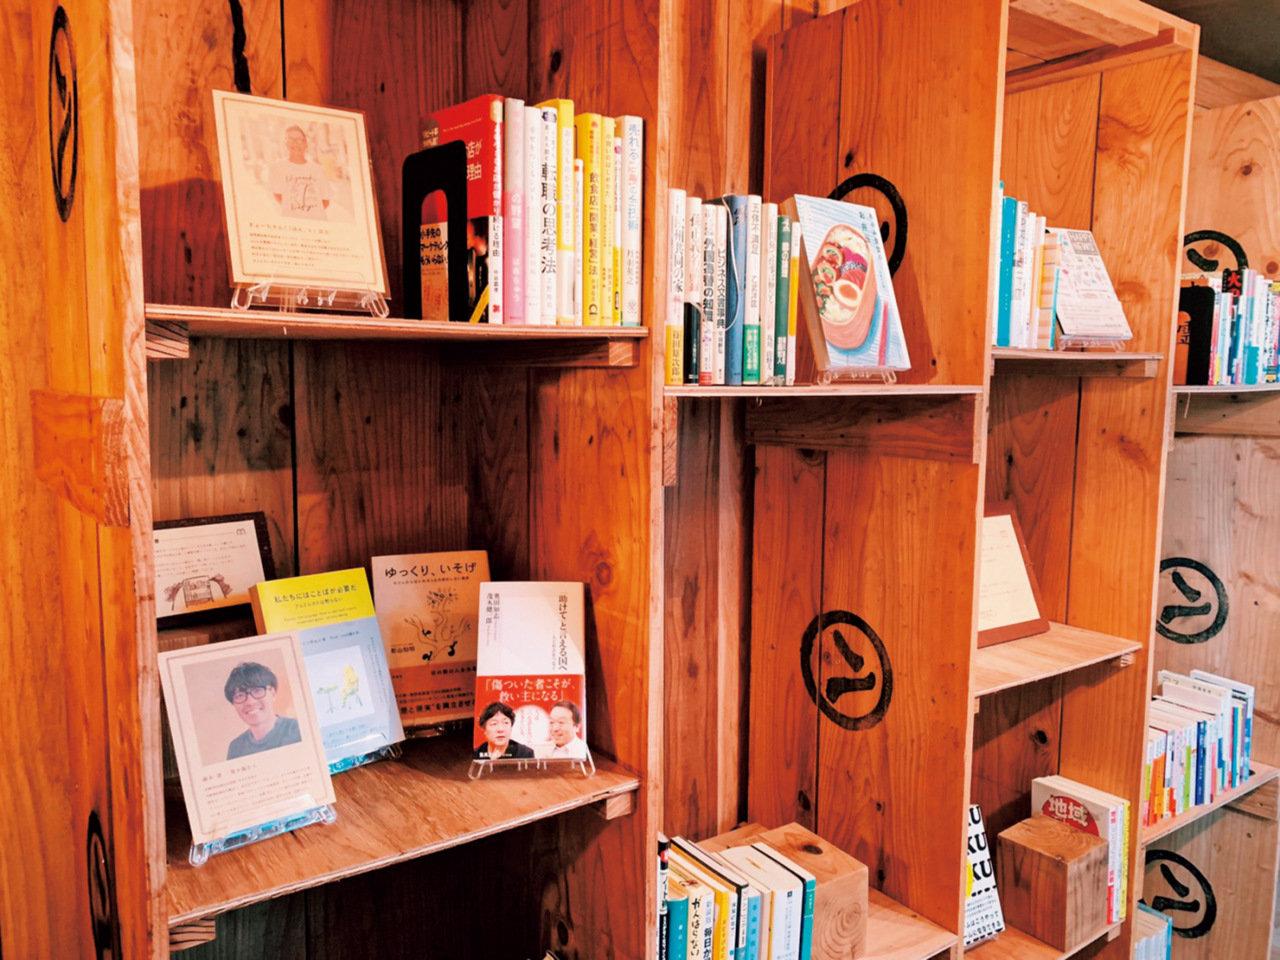 無人古本書店『ほん、と』やLocalWriteプロジェクト。ローカルプロジェクト